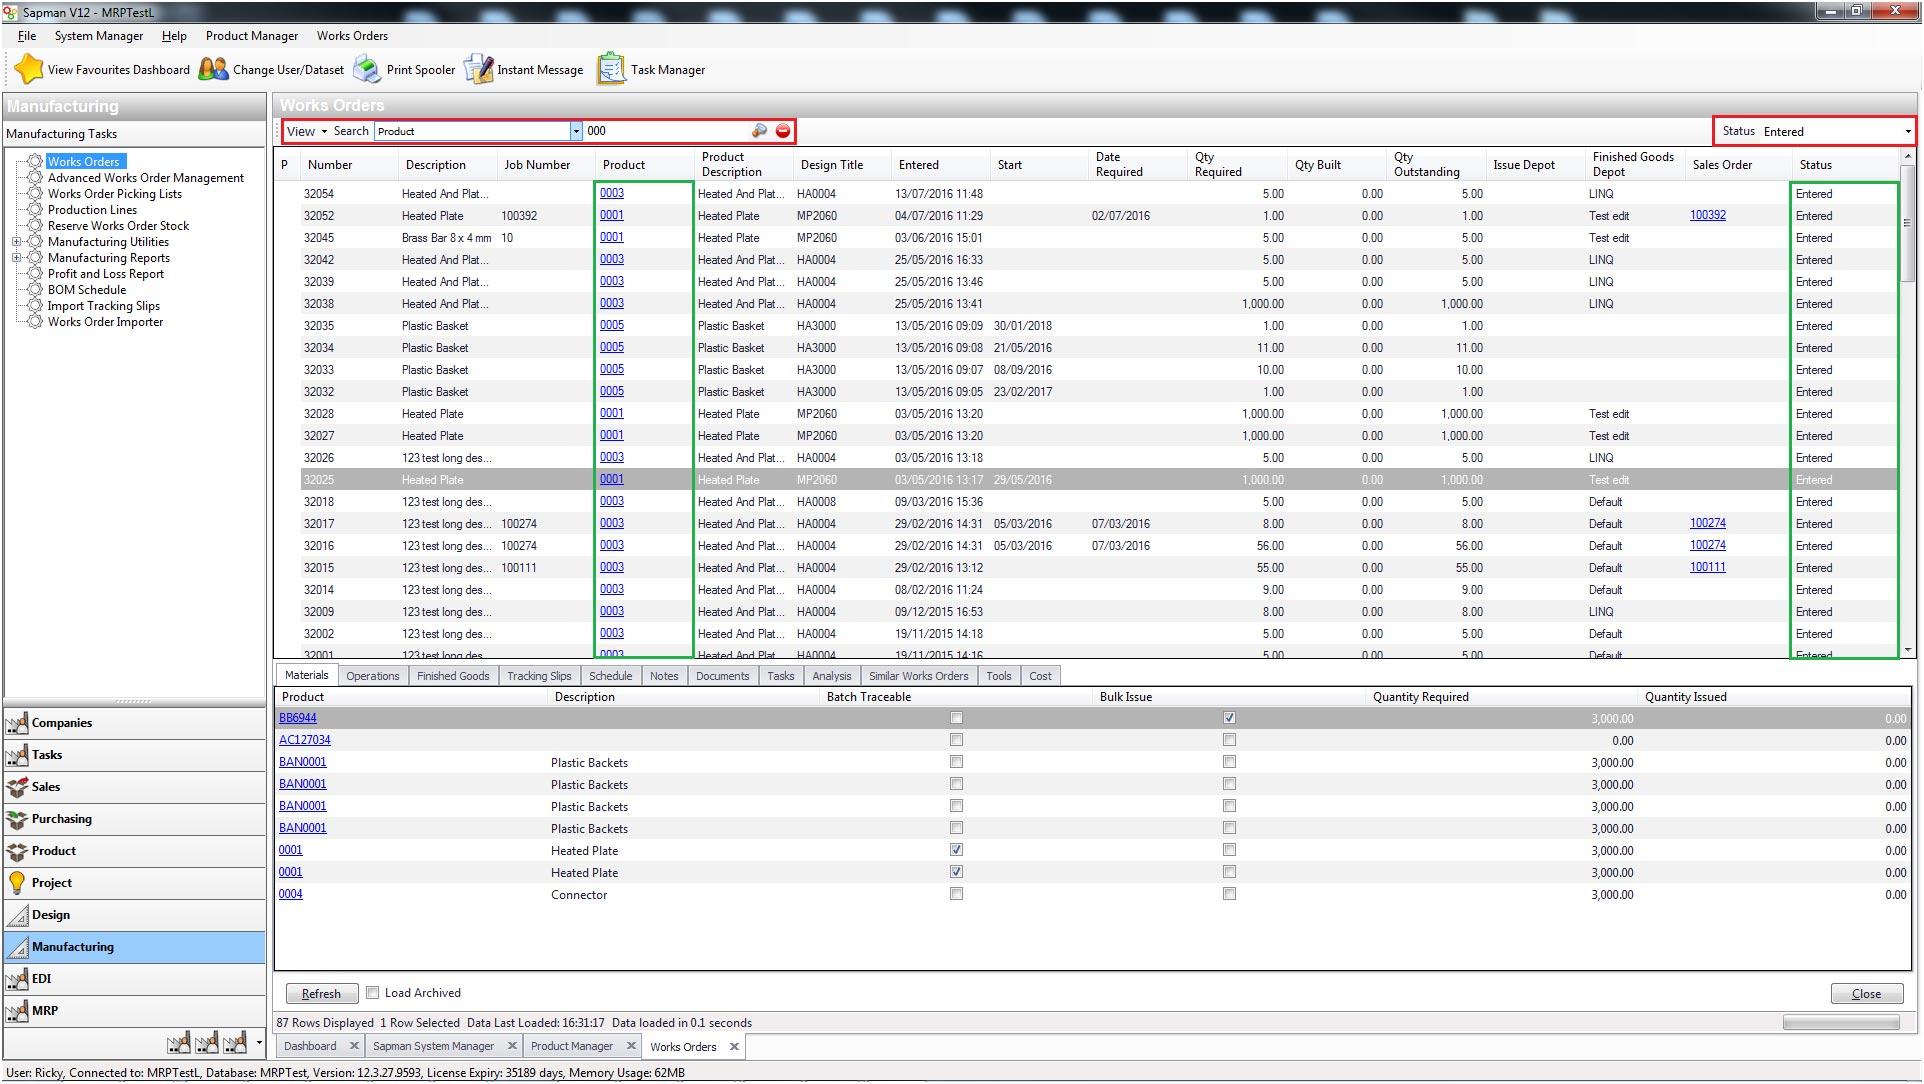 Sapman v12 Works Order Manager screen